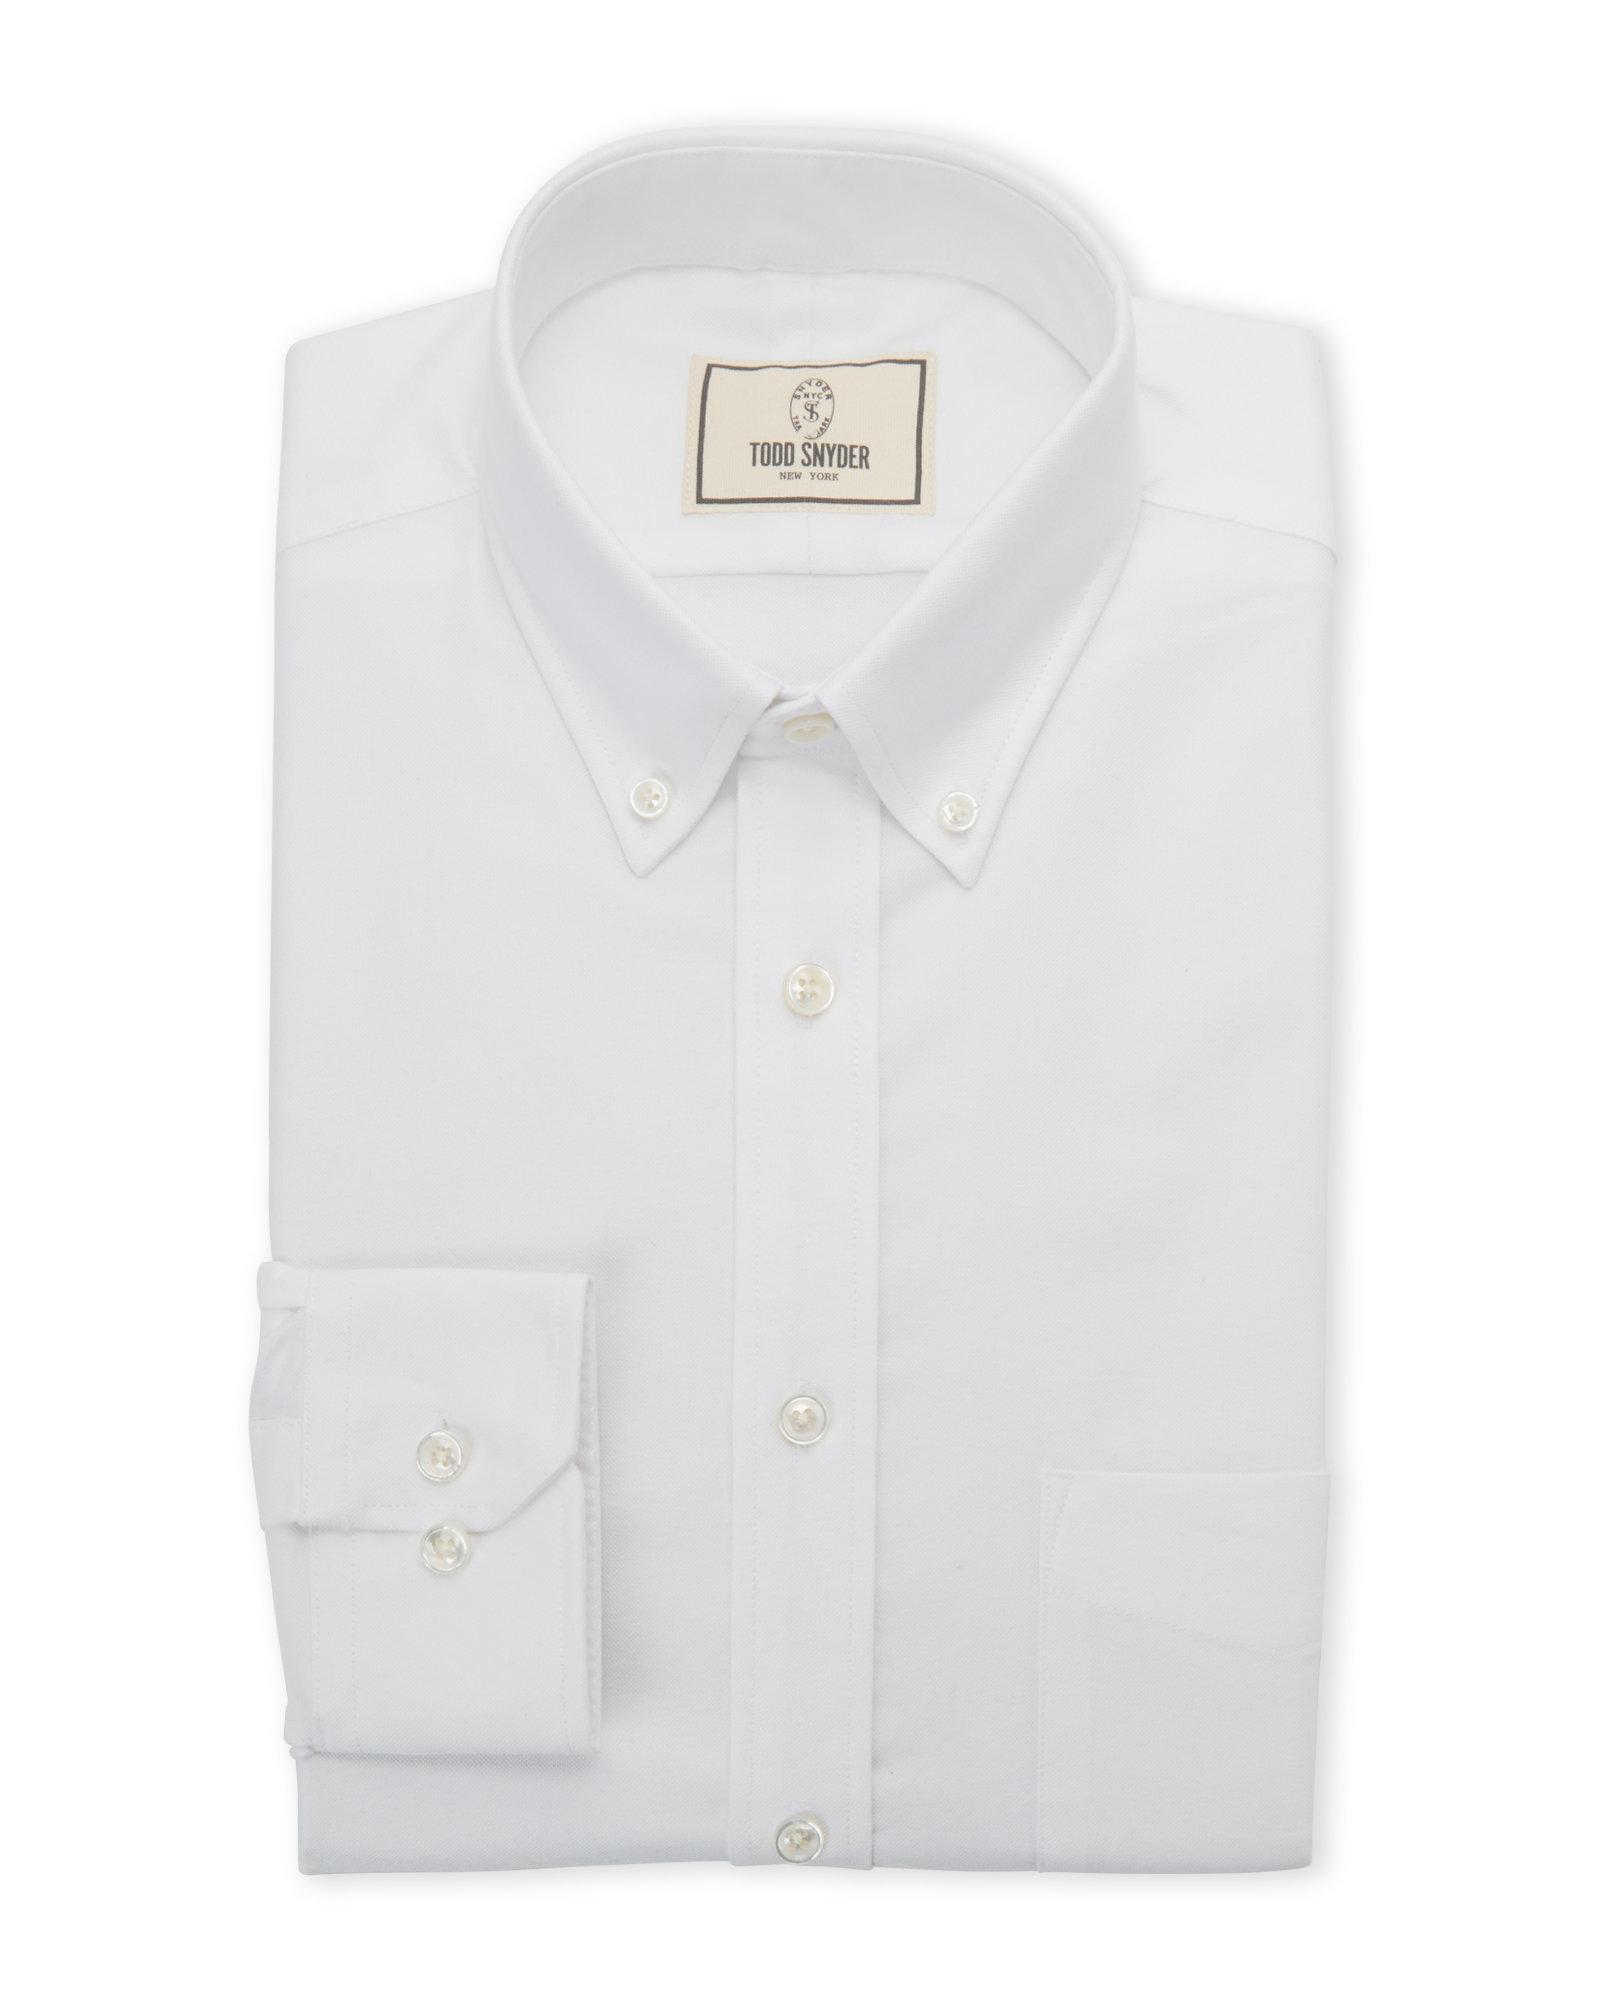 Lyst todd snyder white button down collar dress shirt in for White button down collar shirt